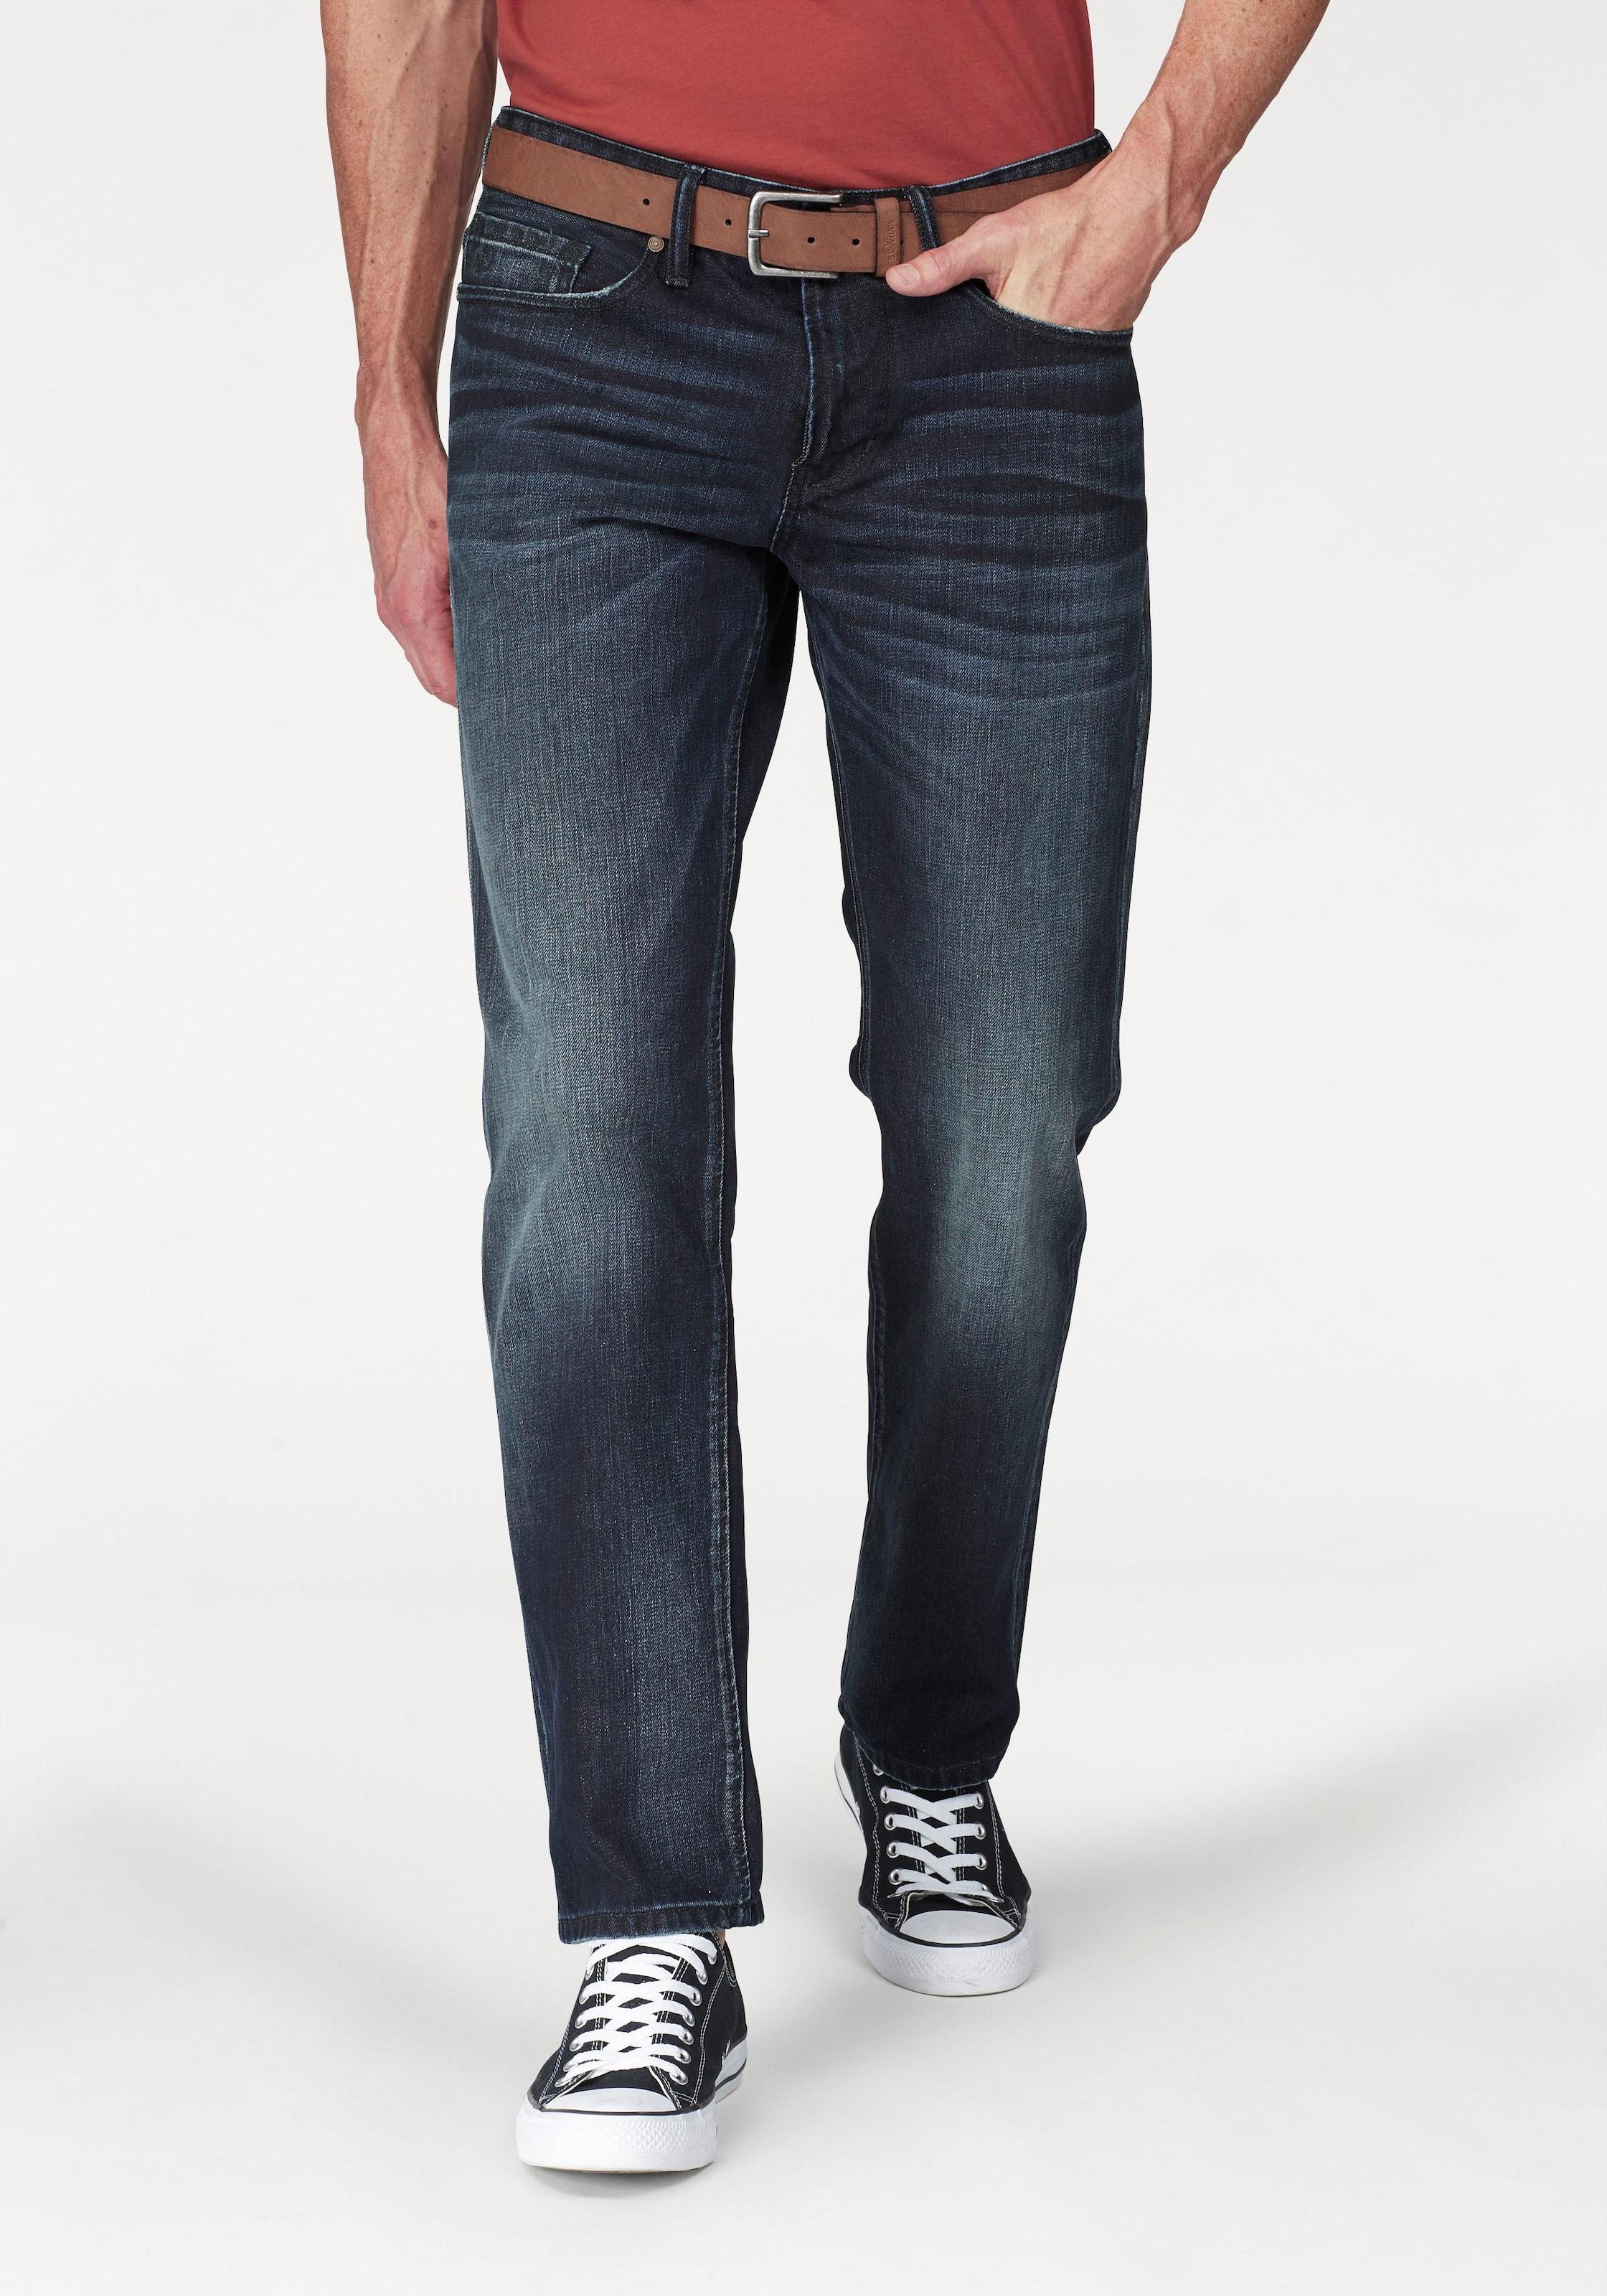 s.Oliver 5 Pocket Jeans (Set, mit Gürtel) Jeans mit Gürtel | BAUR